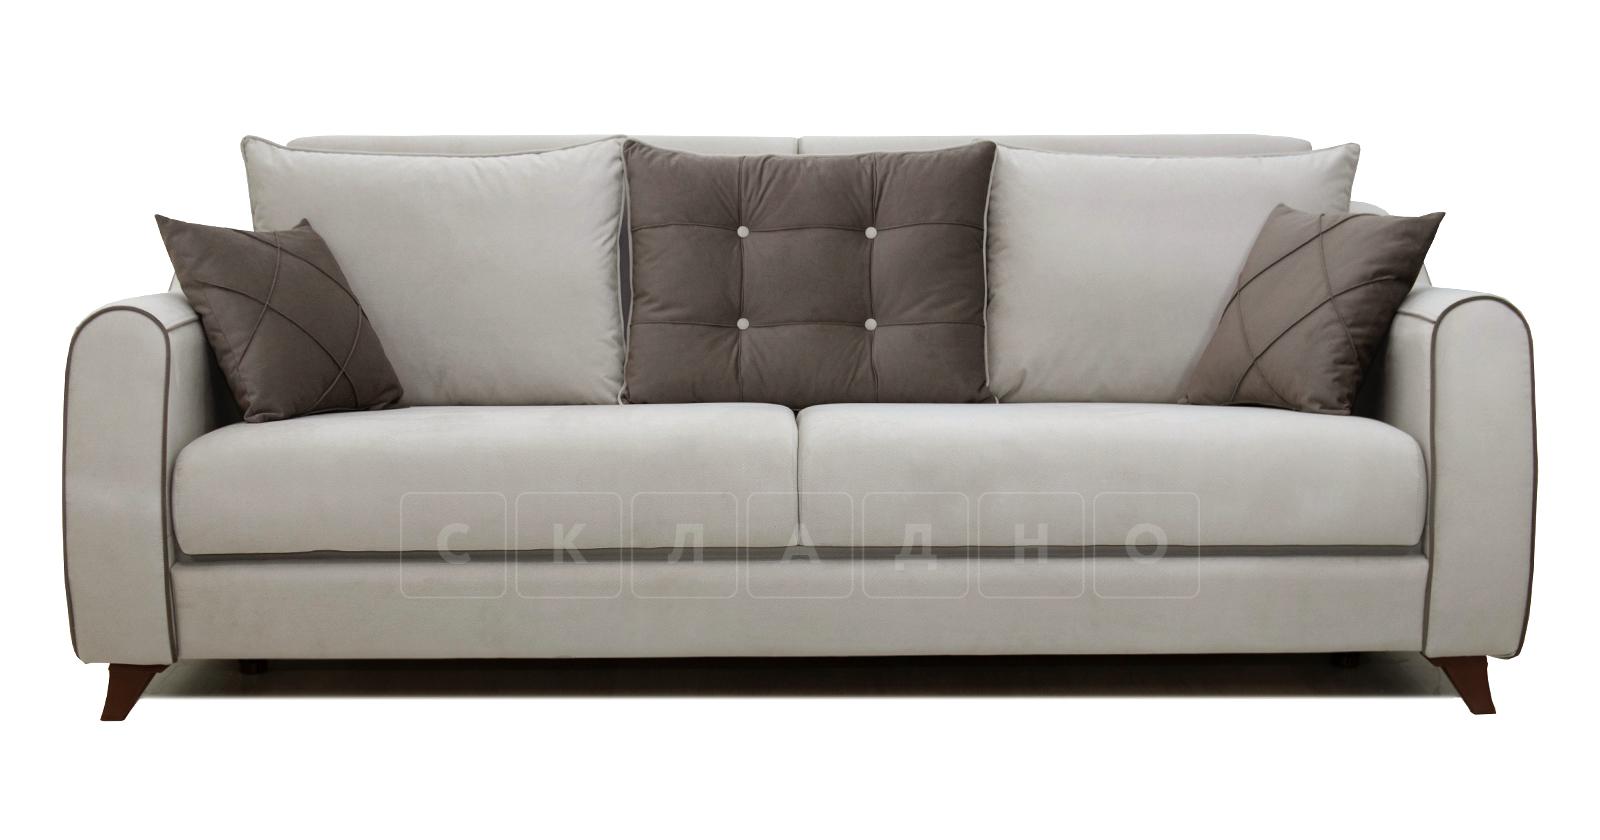 Диван-кровать Флэтфорд серо-бежевый фото 2 | интернет-магазин Складно